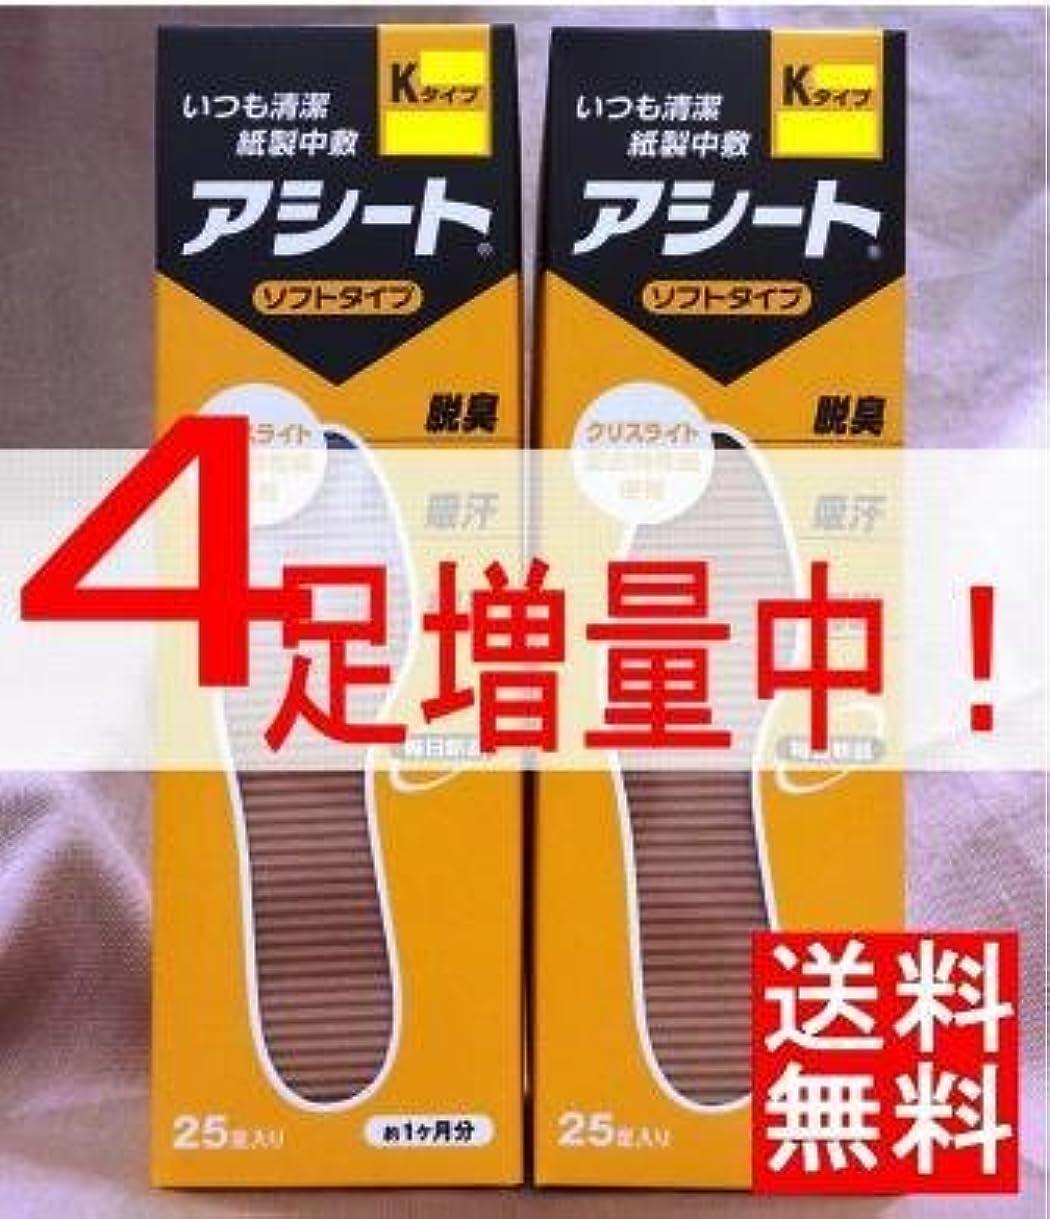 シソーラス一族プレートアシートK(サイズ27cm)×2箱セット(4足増量中)